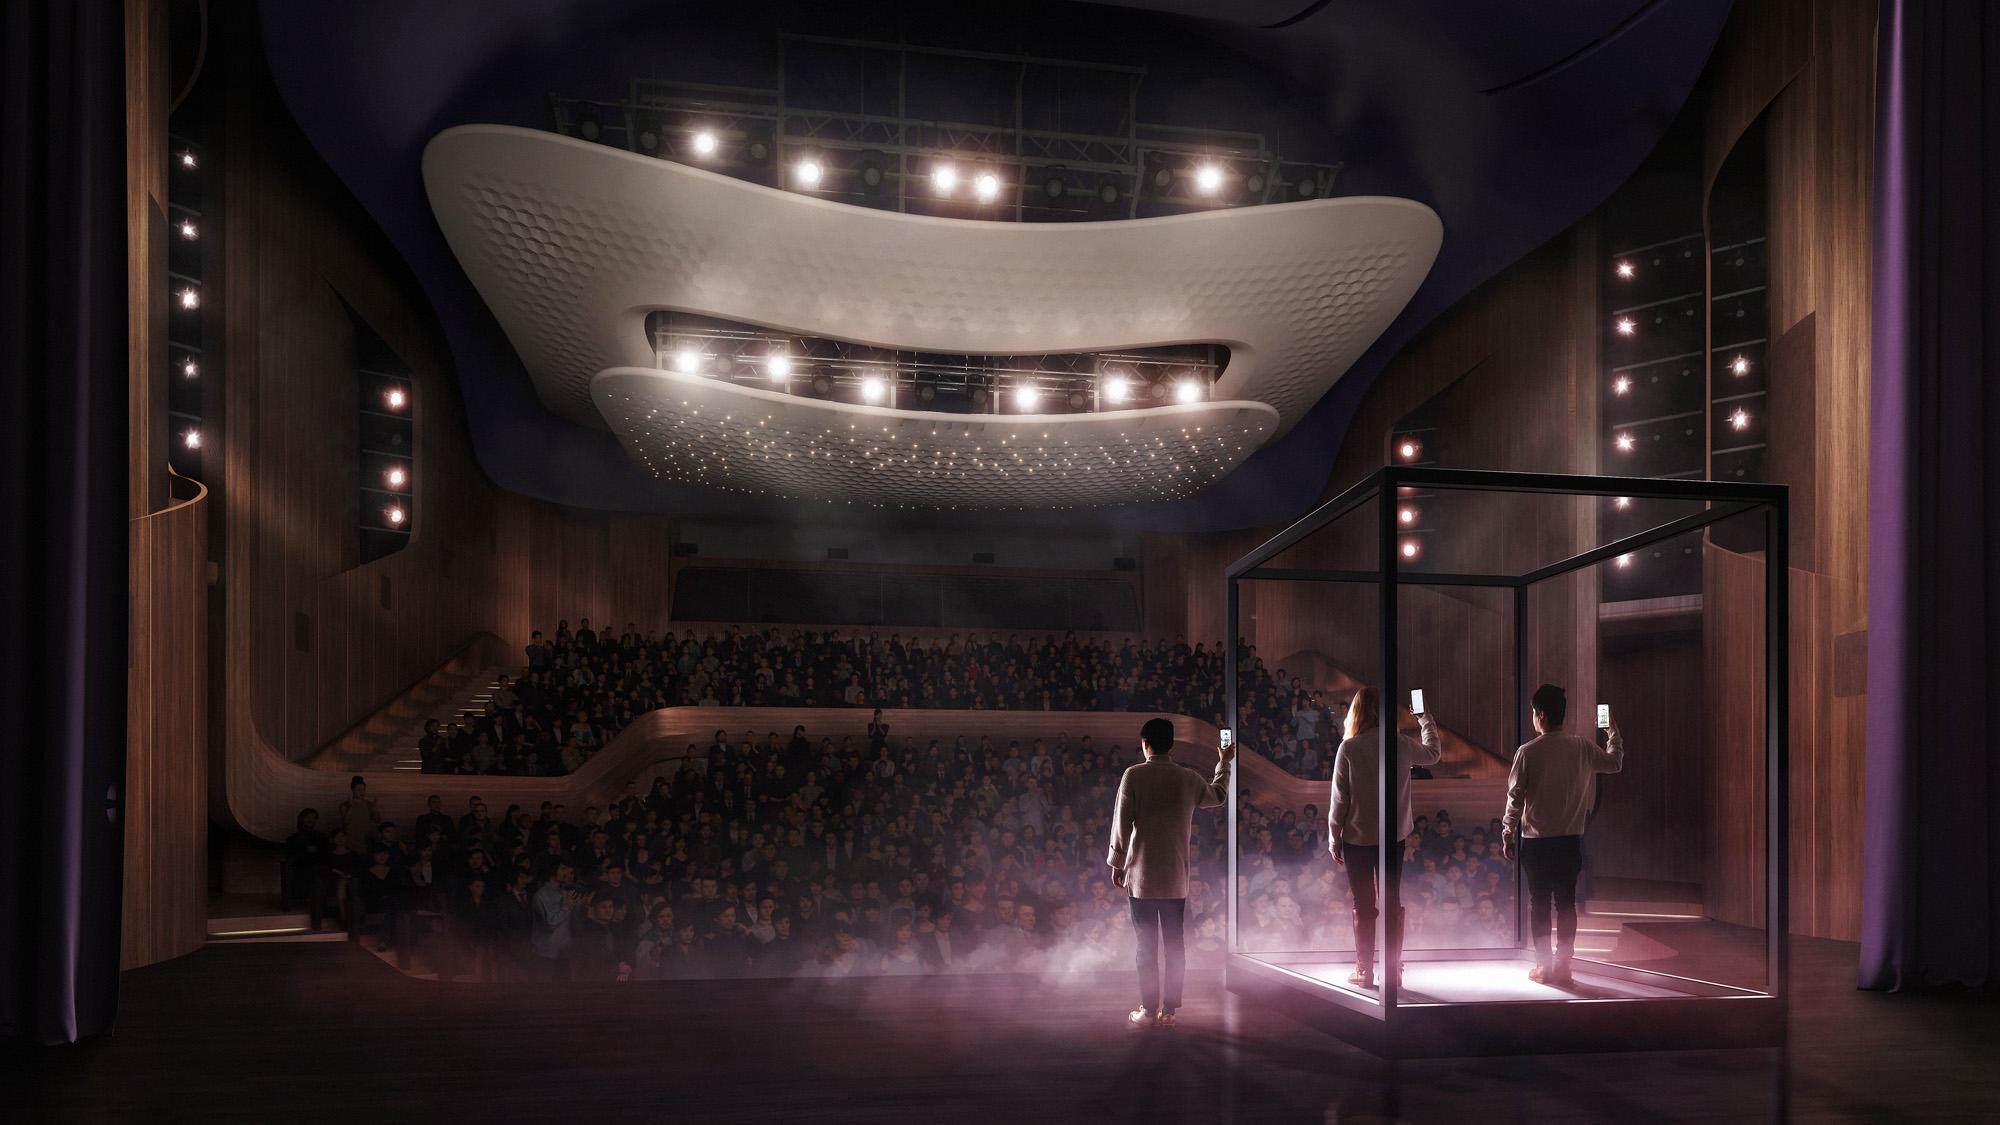 <p>Enkel en alleen gescheiden door een geometrisch gebaar, lijkt het bovenste balkon te 'zweven'. Beeld: Hong Kong Repertory Theatre</p>